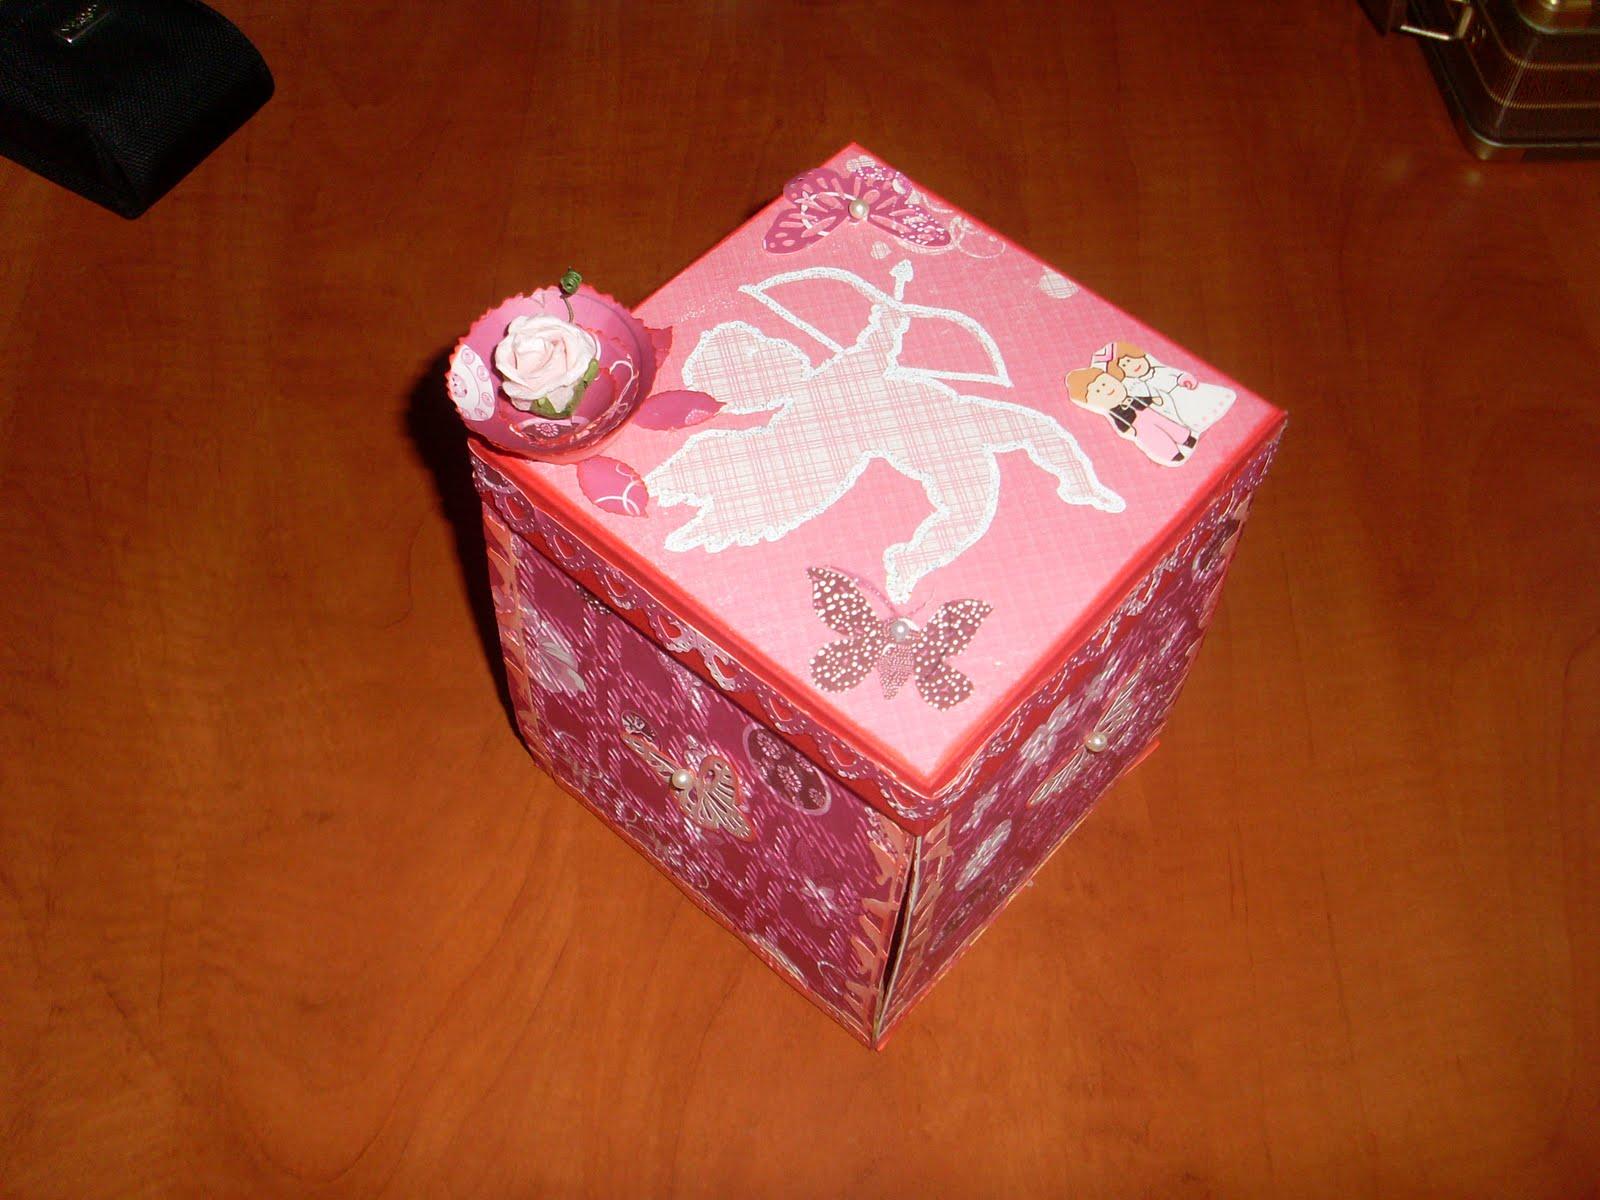 Как приятно удивить: делаем коробочку с сюрпризом своими руками 17